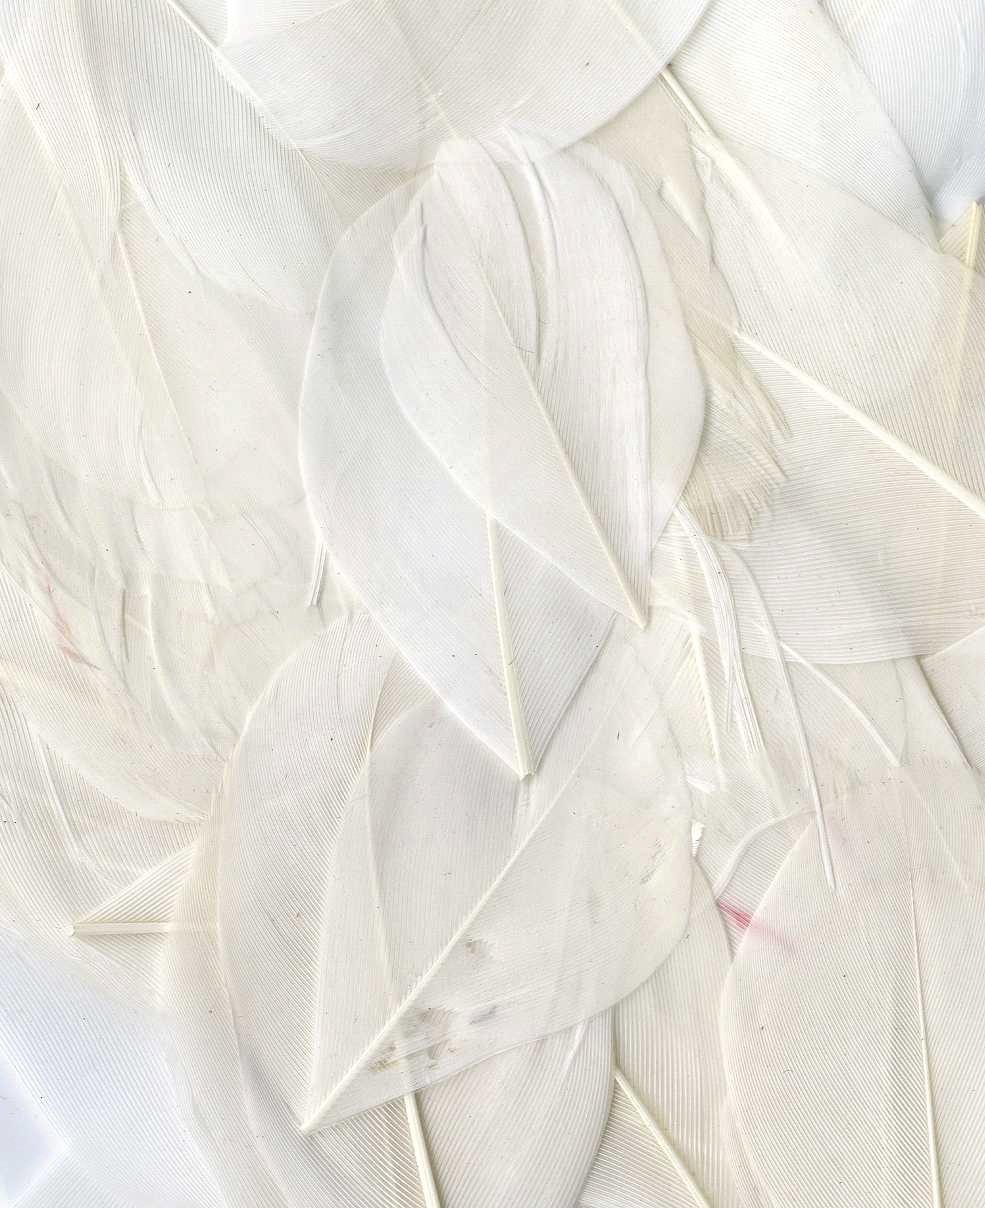 Artemio 3 g Smooth Feathers, White 13030034